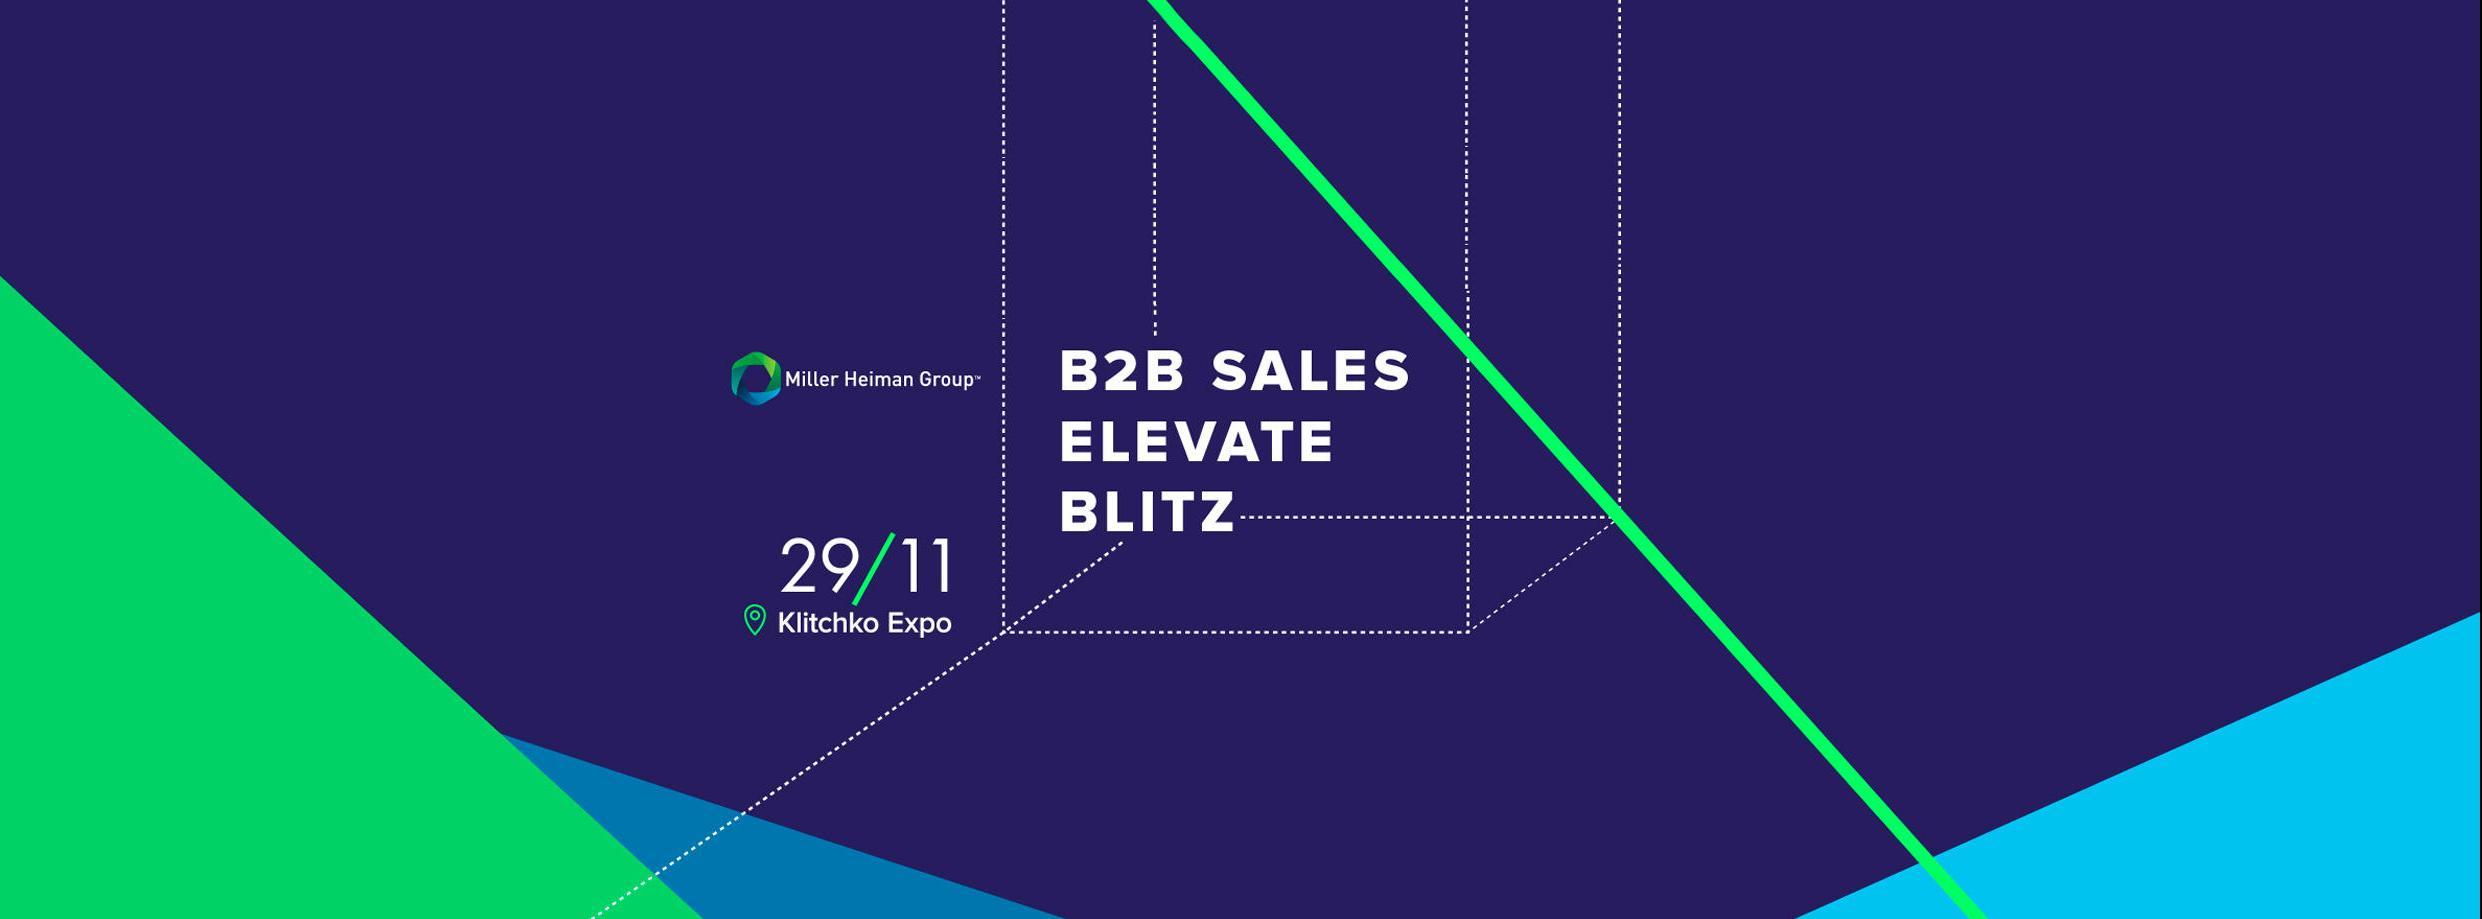 Как расти в B2B-продажах: инсайты глобальных лидеров